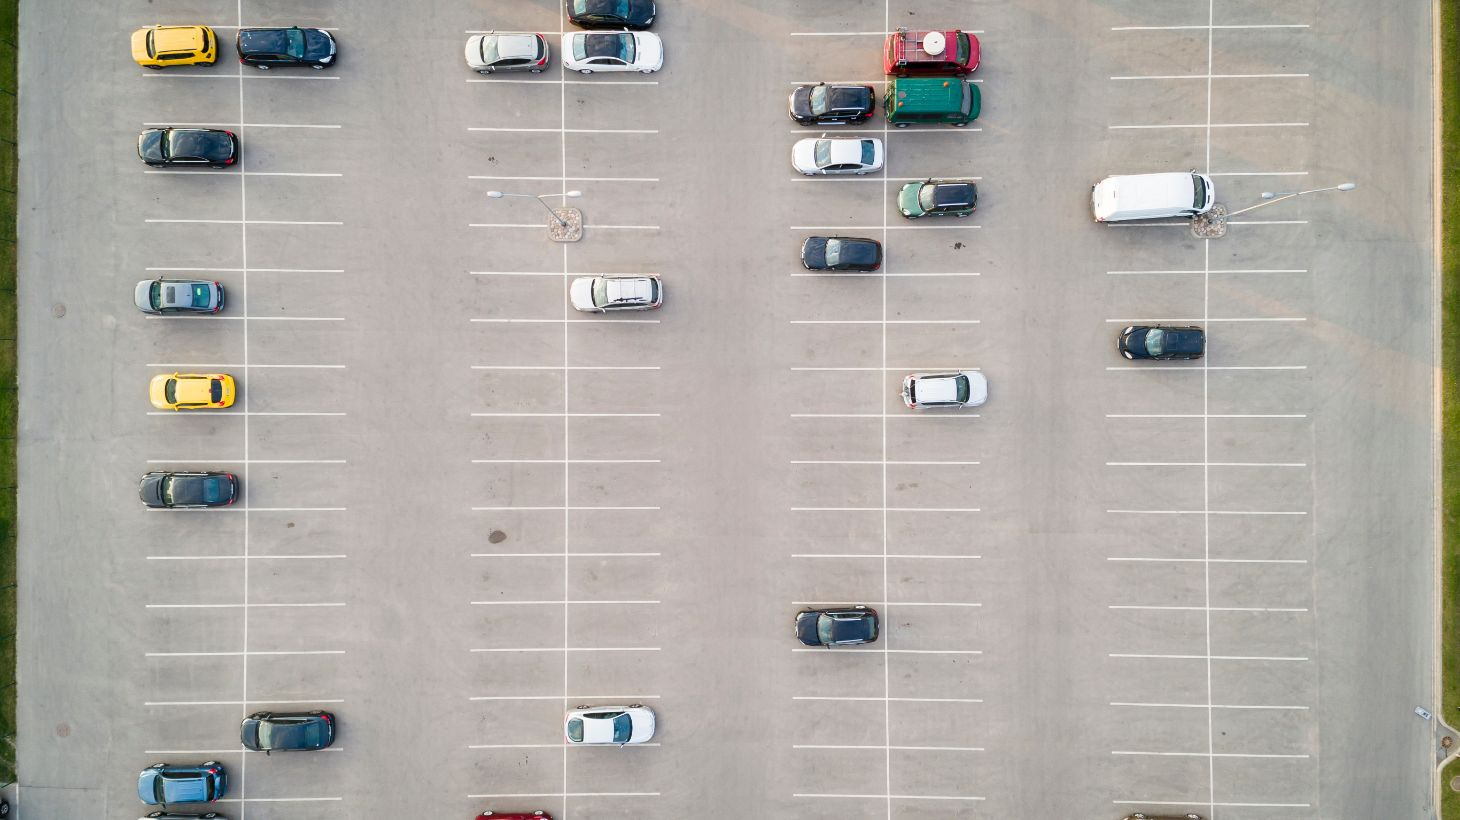 patio vazio vendas carros emplacamentos